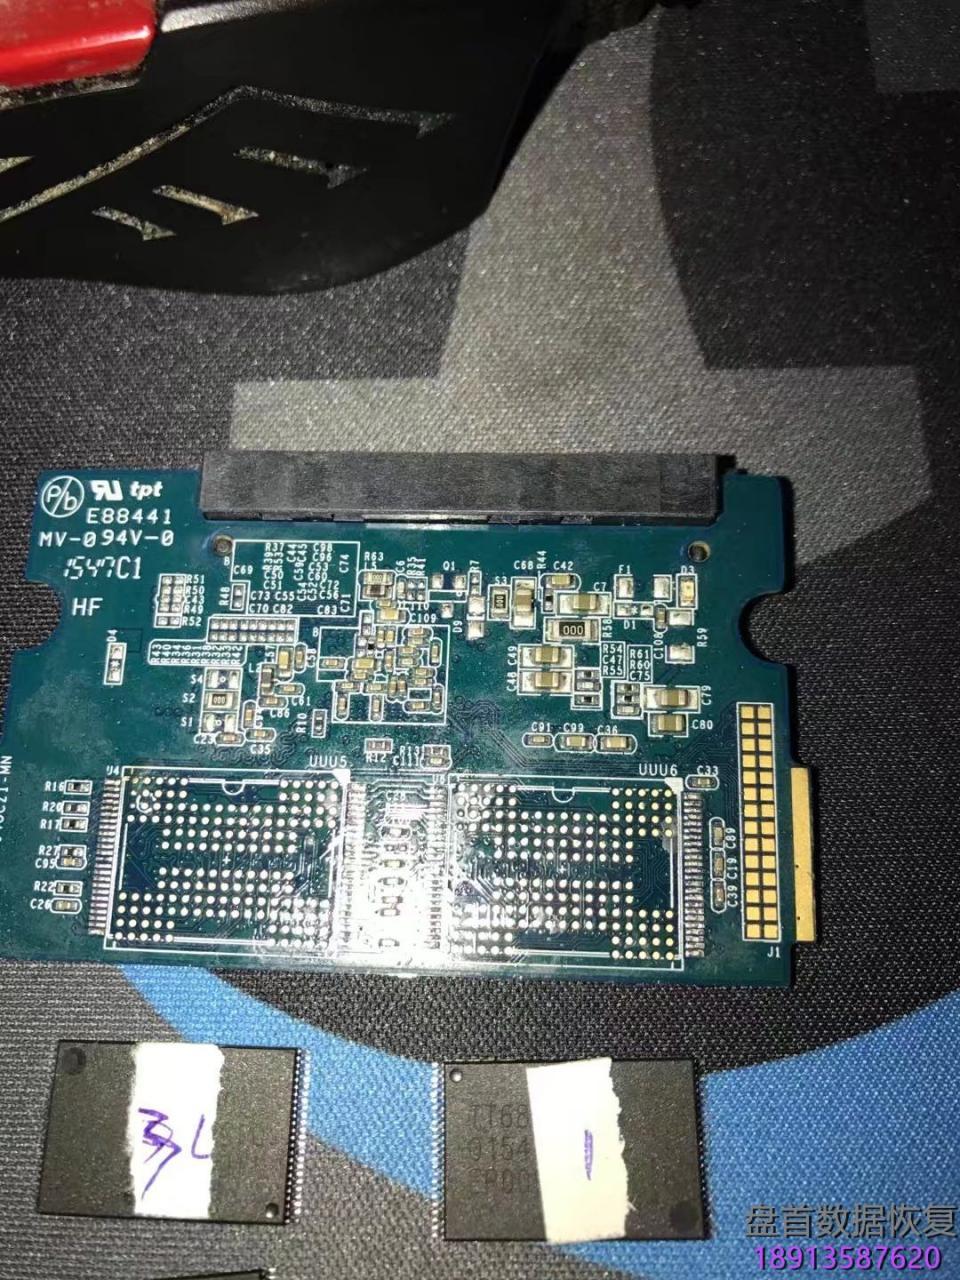 影驰铁甲战将系列120g固态硬盘,ps3109主控芯片 影驰铁甲战将系列120G固态硬盘,PS3109主控芯片